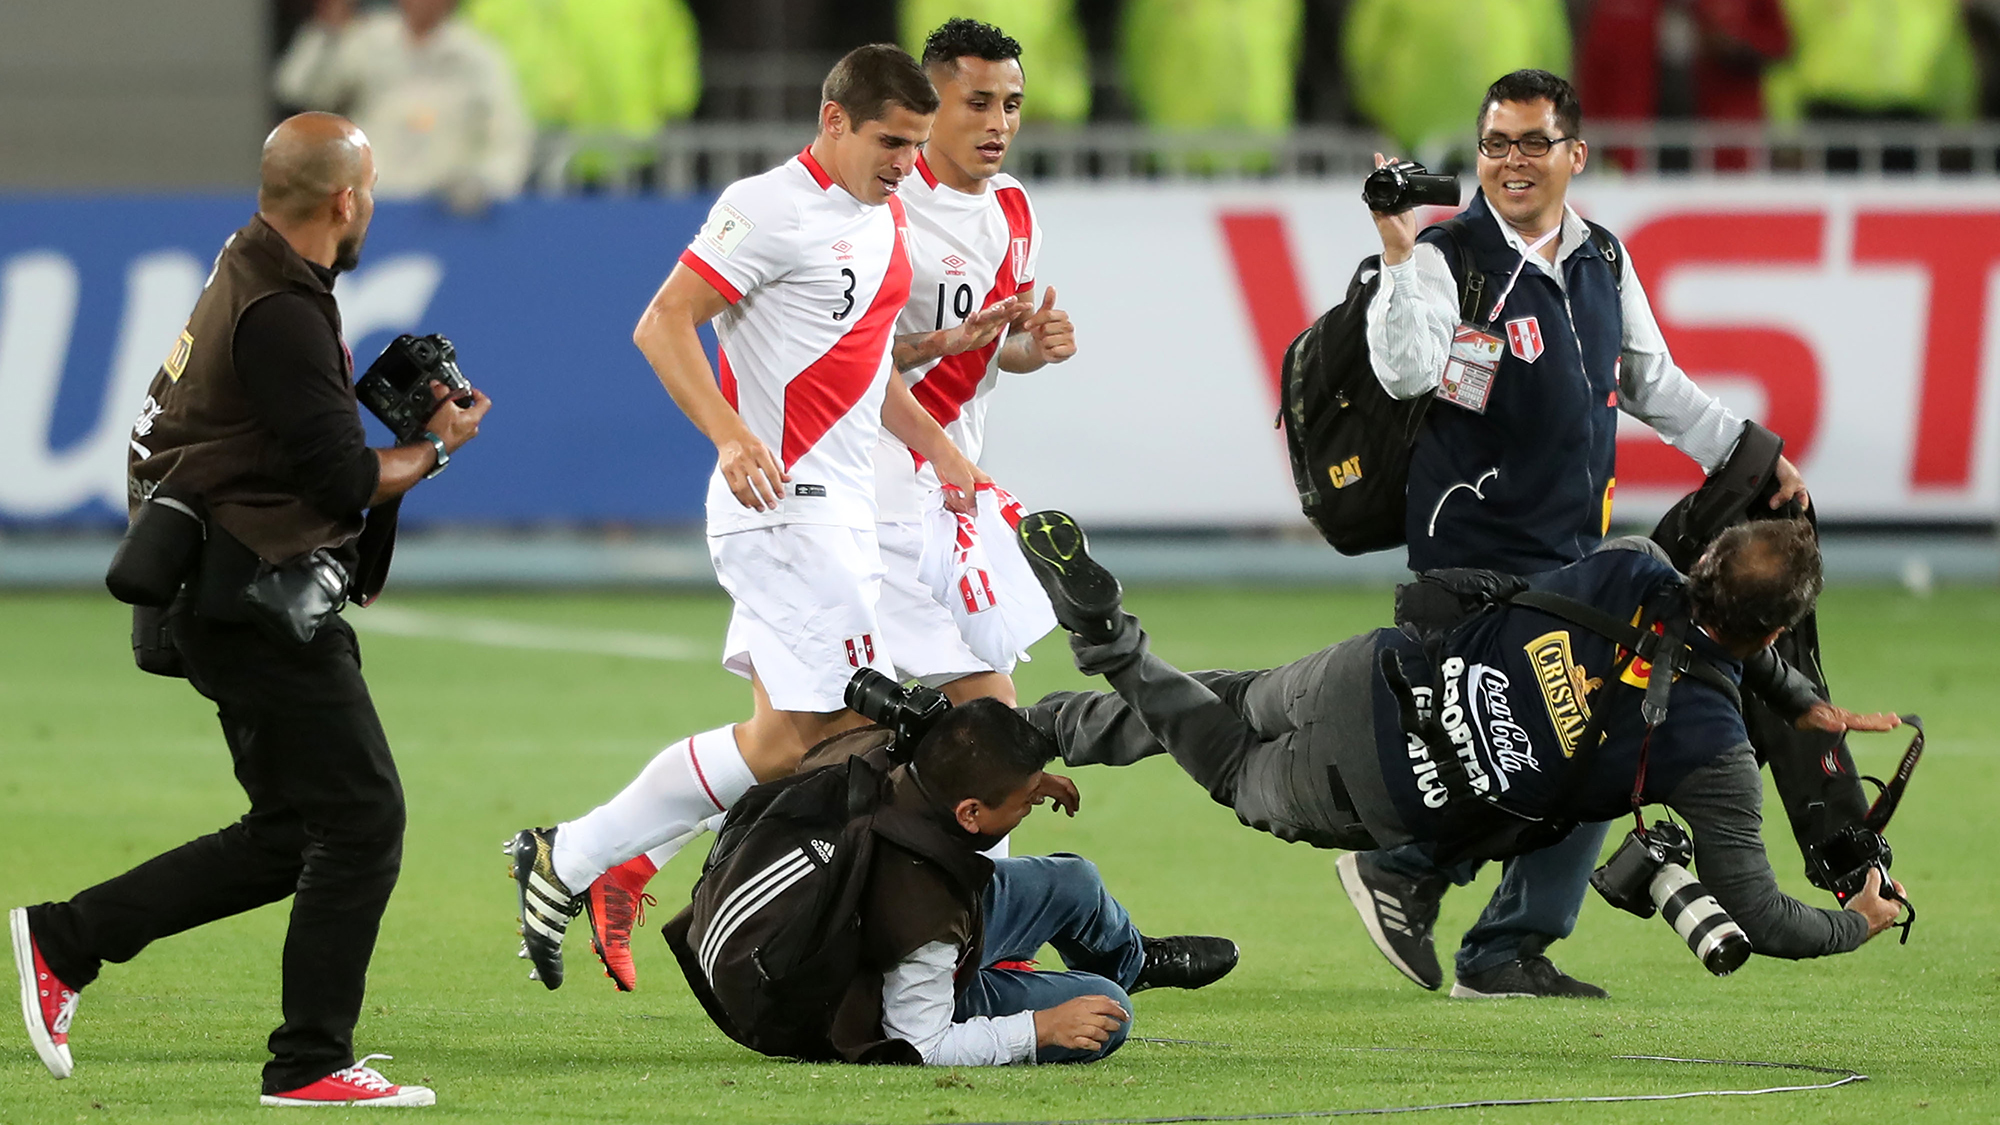 Dos reporteros gráficos caen mientras siguen la celebración de los peruanos Christian Cueva y Aldo Corzo.